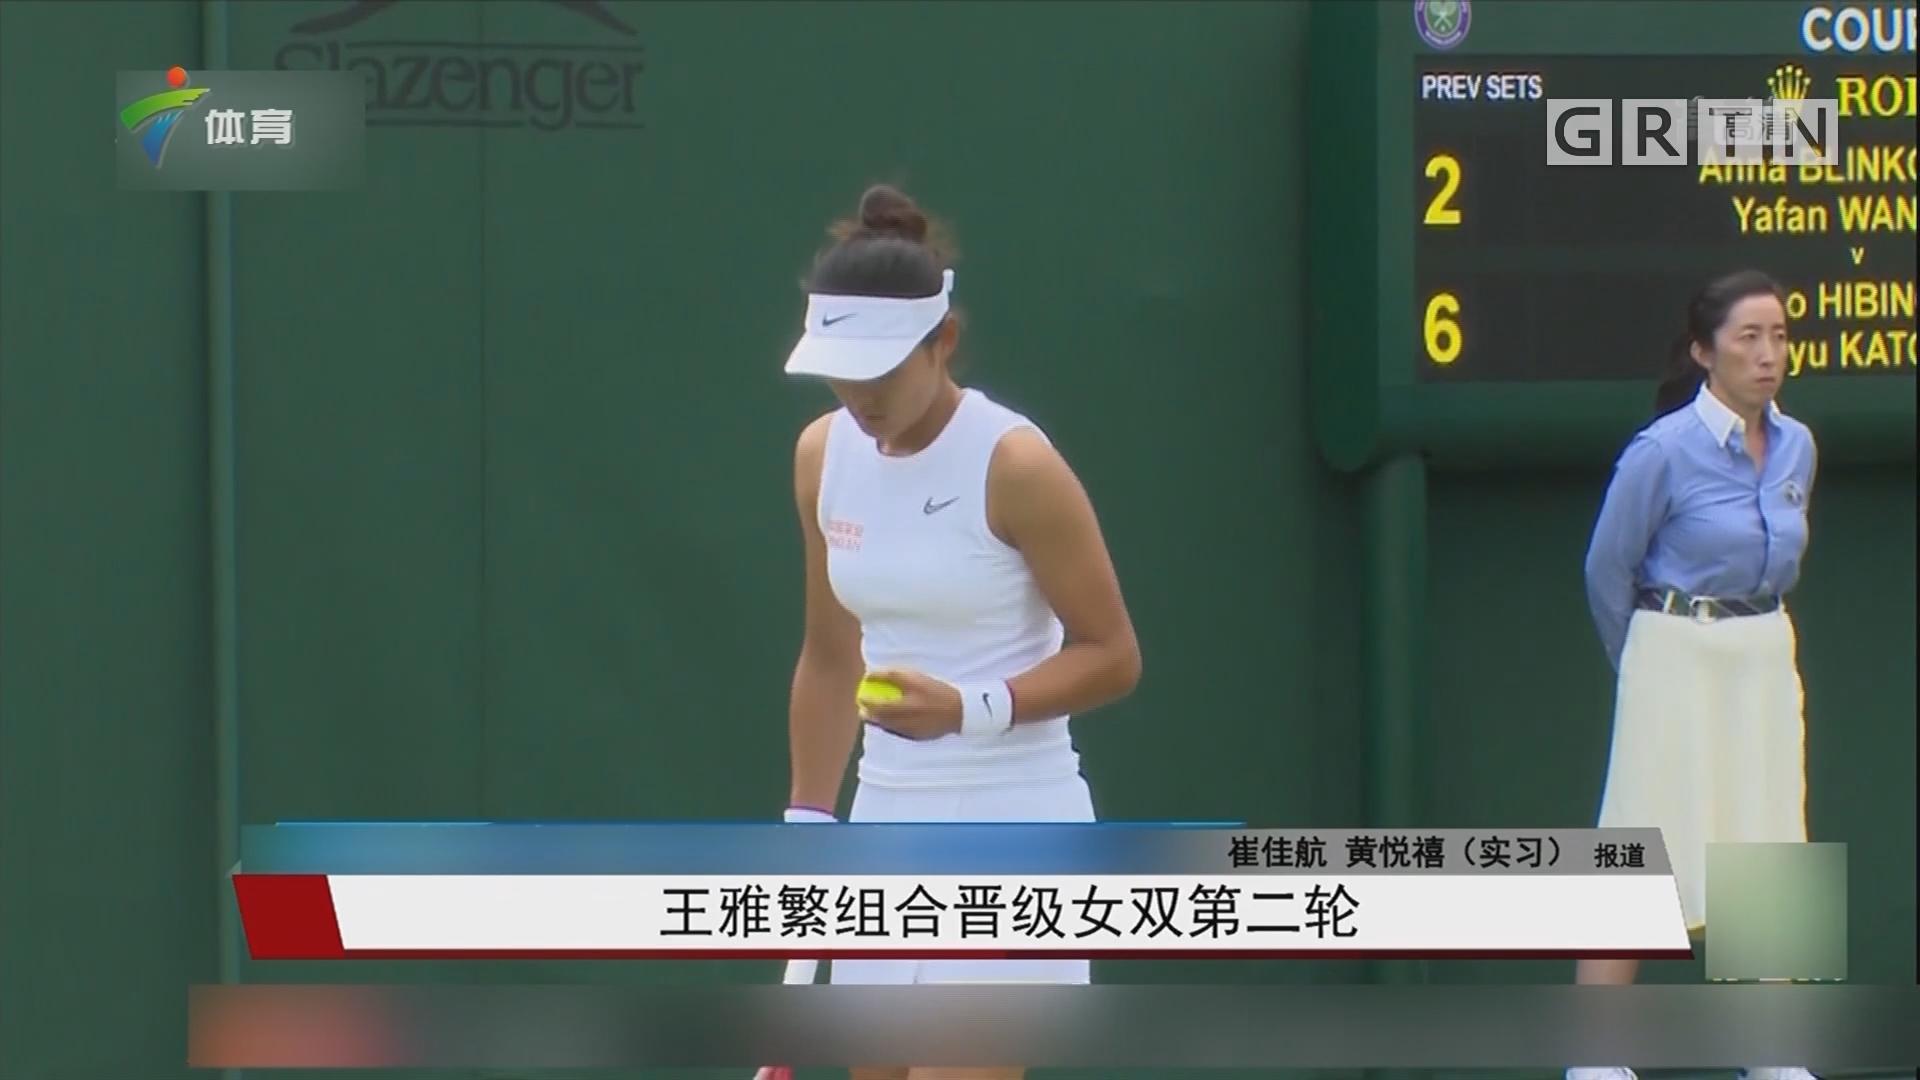 王雅繁组合晋级女双第二轮